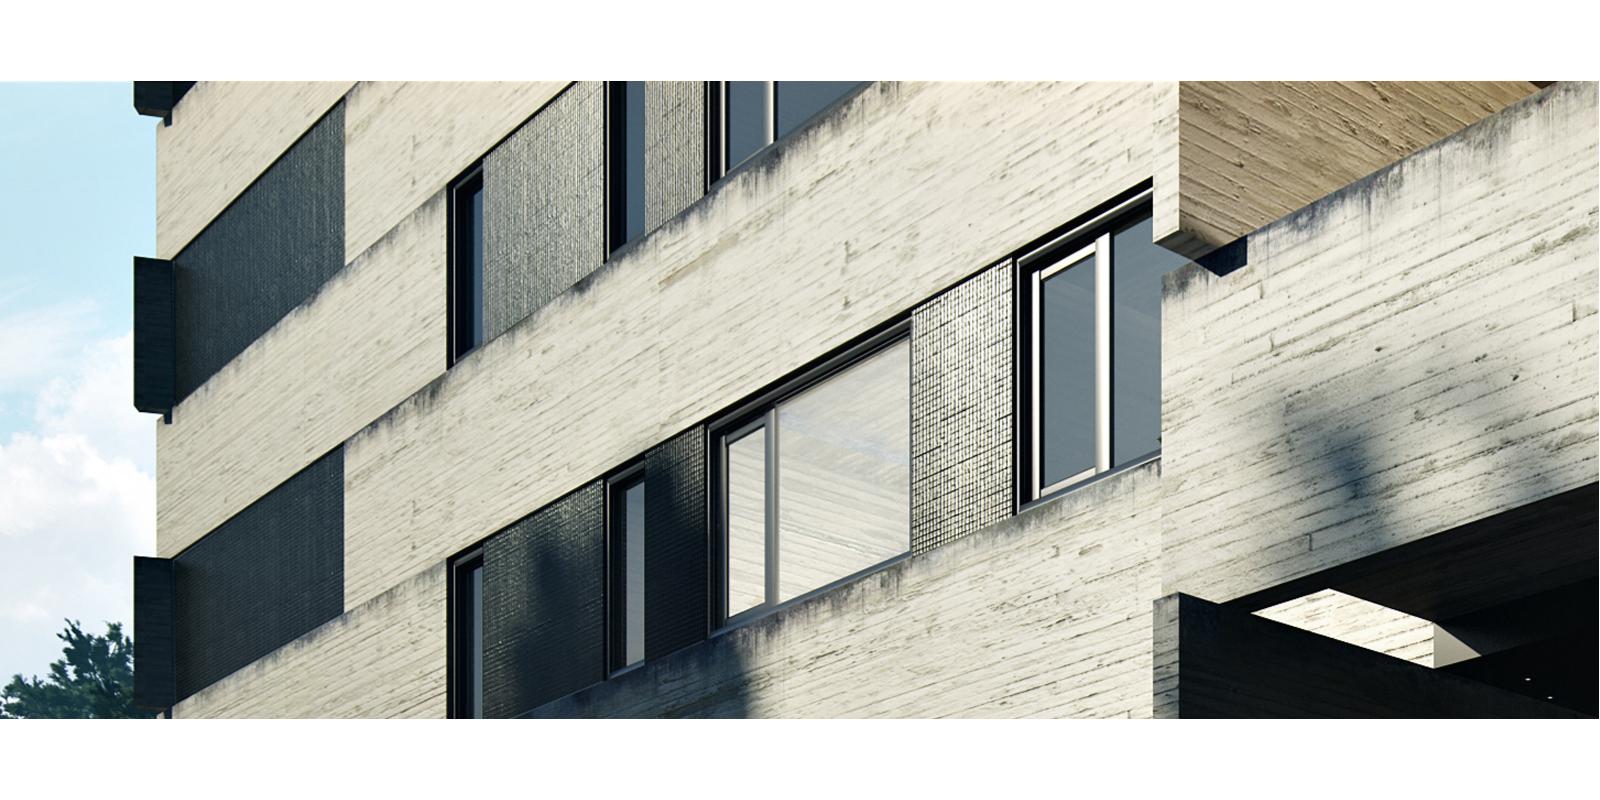 ProyectoC_Arquitectos_Portfolio_03_ParkViewFlorida